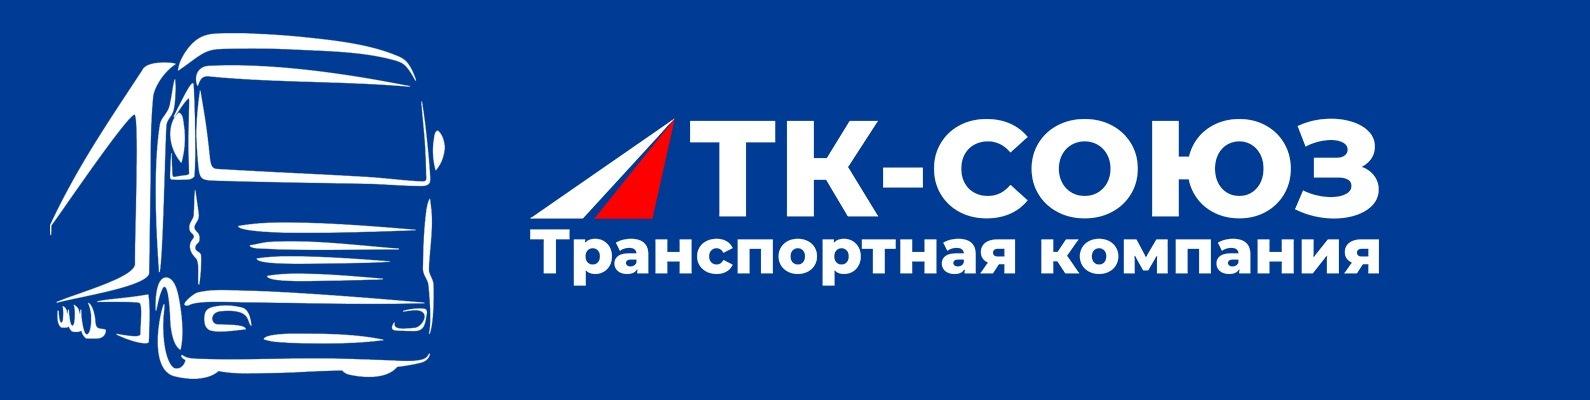 Транспортная компания союз официальный сайт сайт создание чата